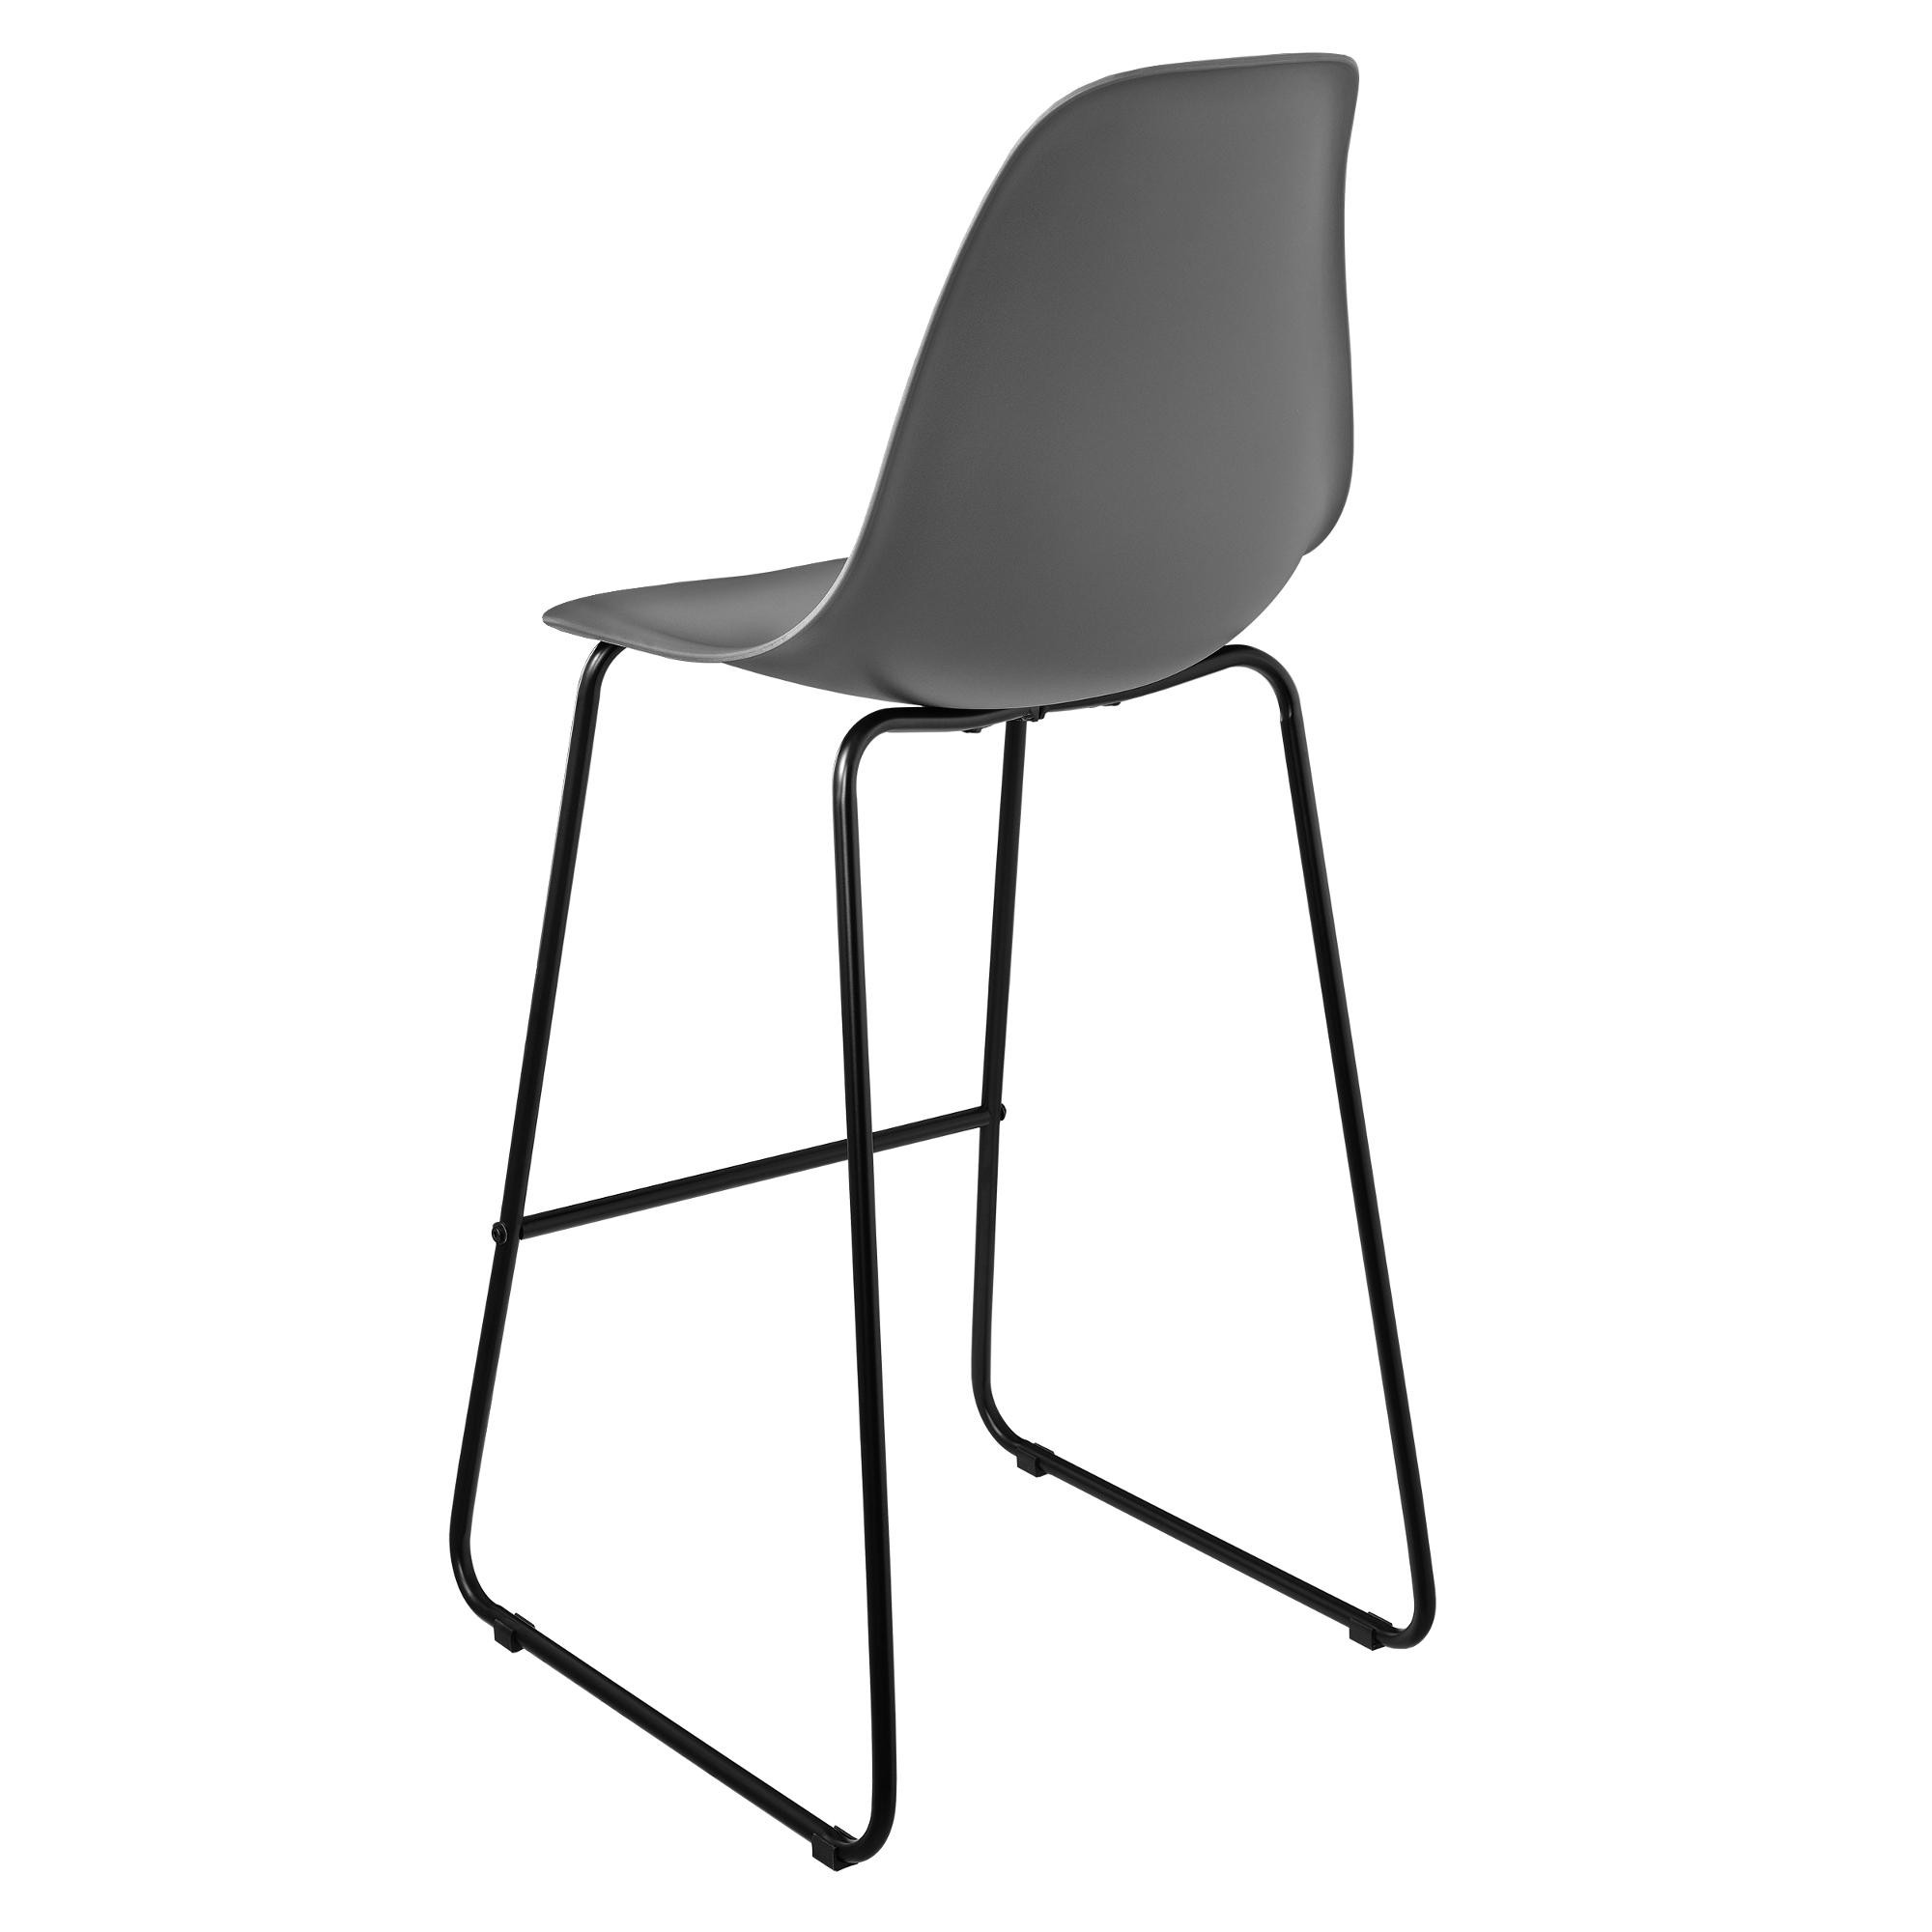 2x barhocker 110x46 5cm design barstuhl bar. Black Bedroom Furniture Sets. Home Design Ideas